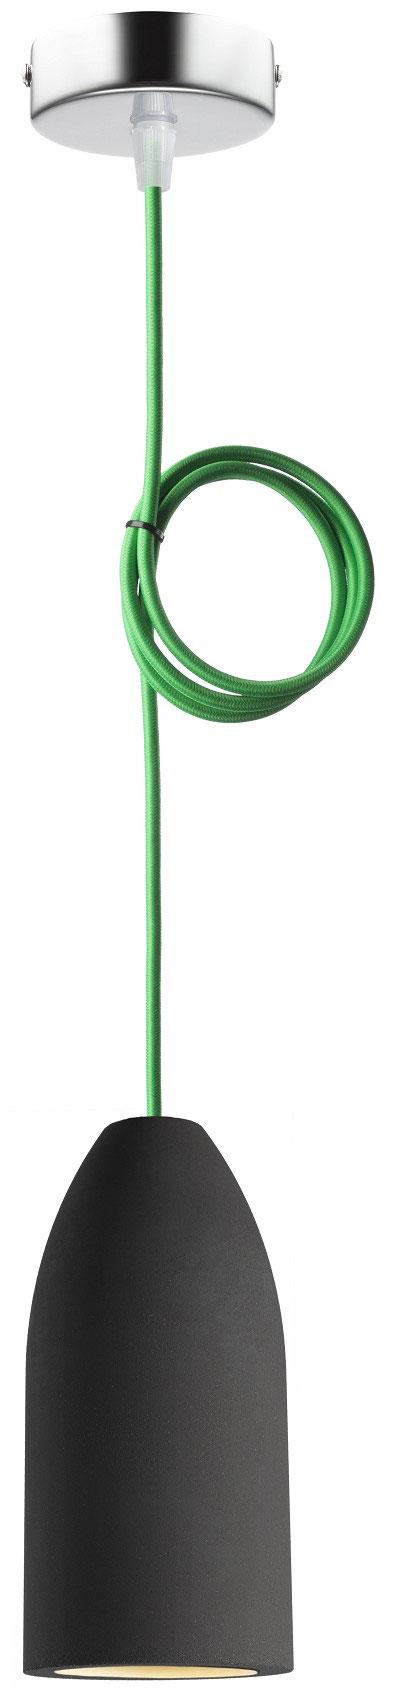 """Betonlampe mit Textilkabel """"Grün"""""""